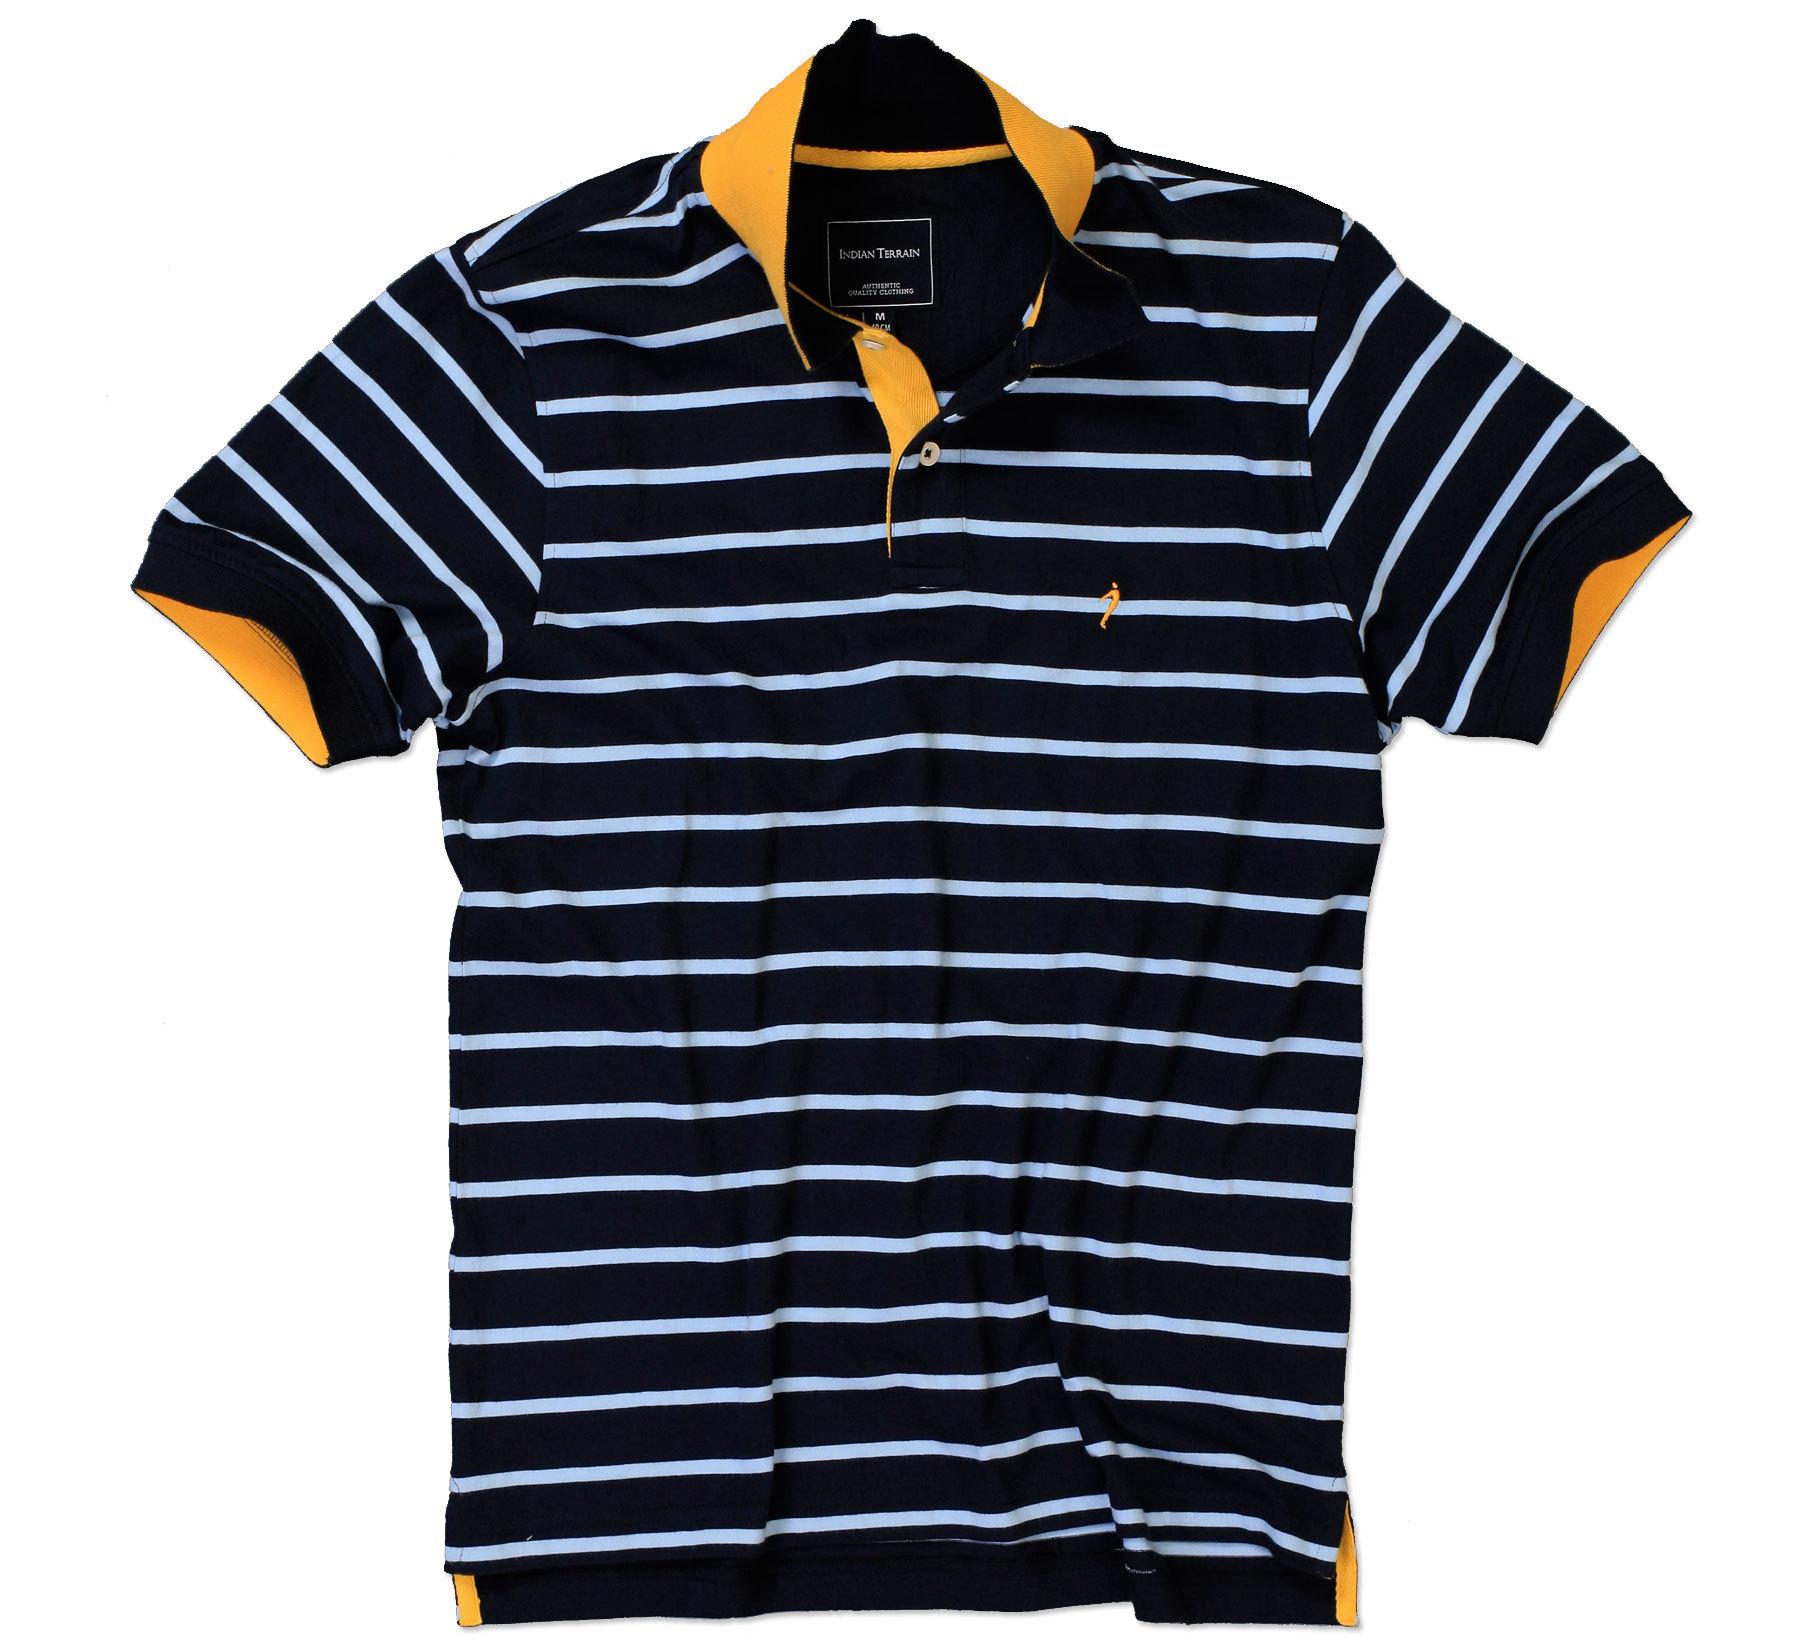 Bright lit Polo - Navy & White Stripes